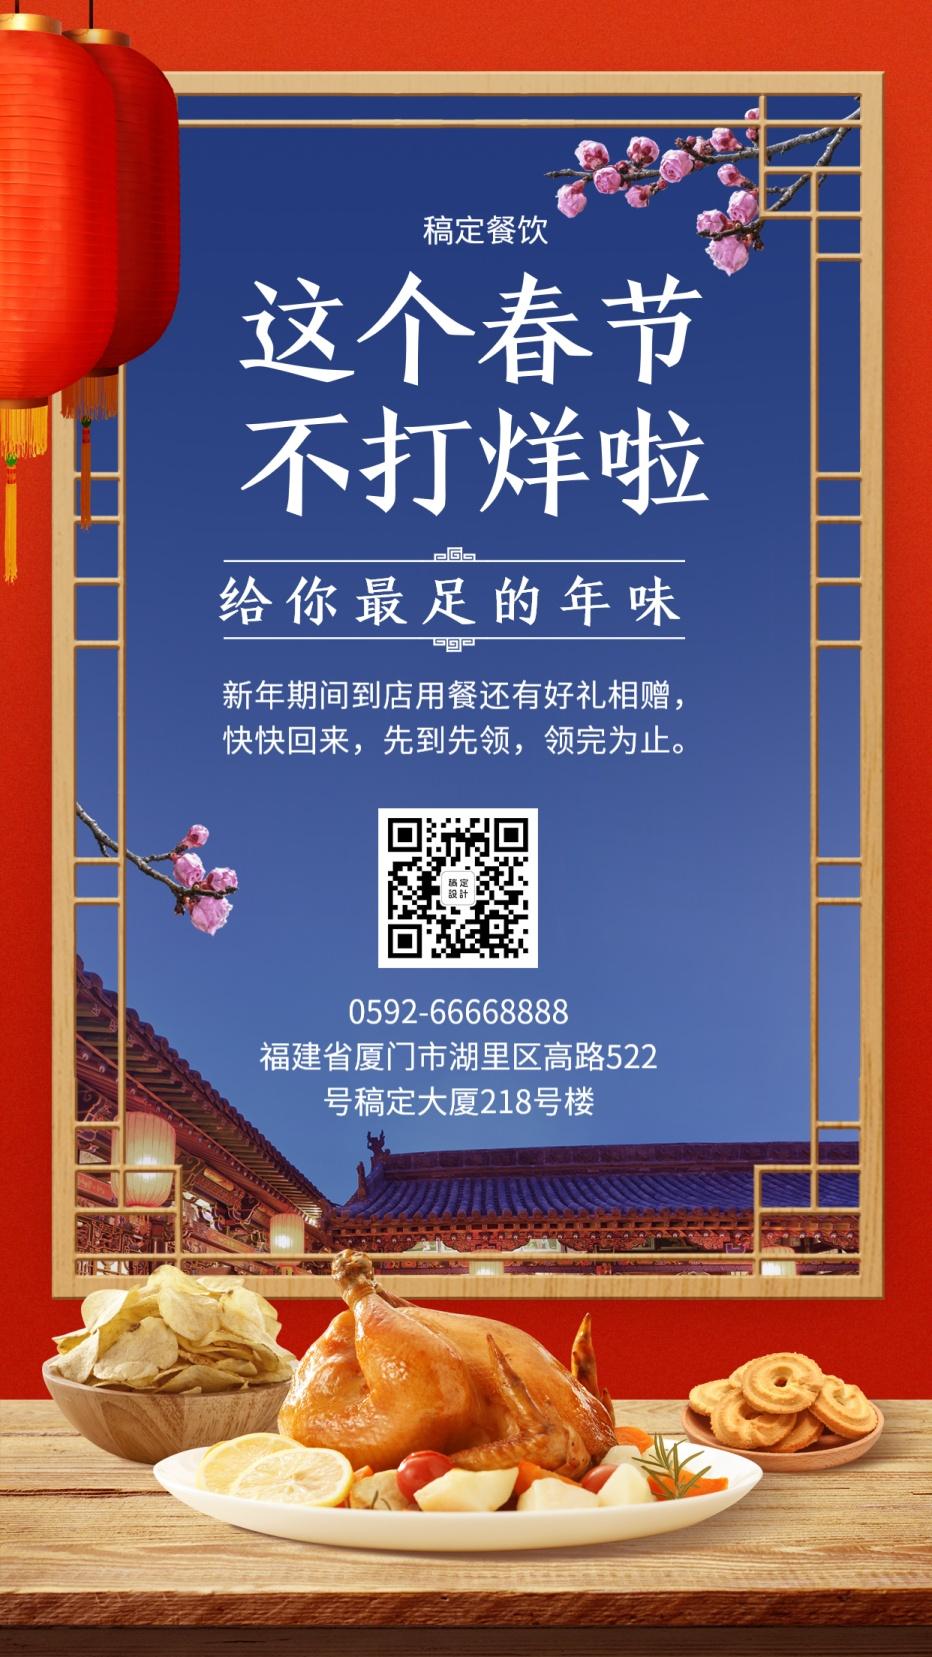 春节不打烊通知/餐饮美食/创意中国风/手机海报